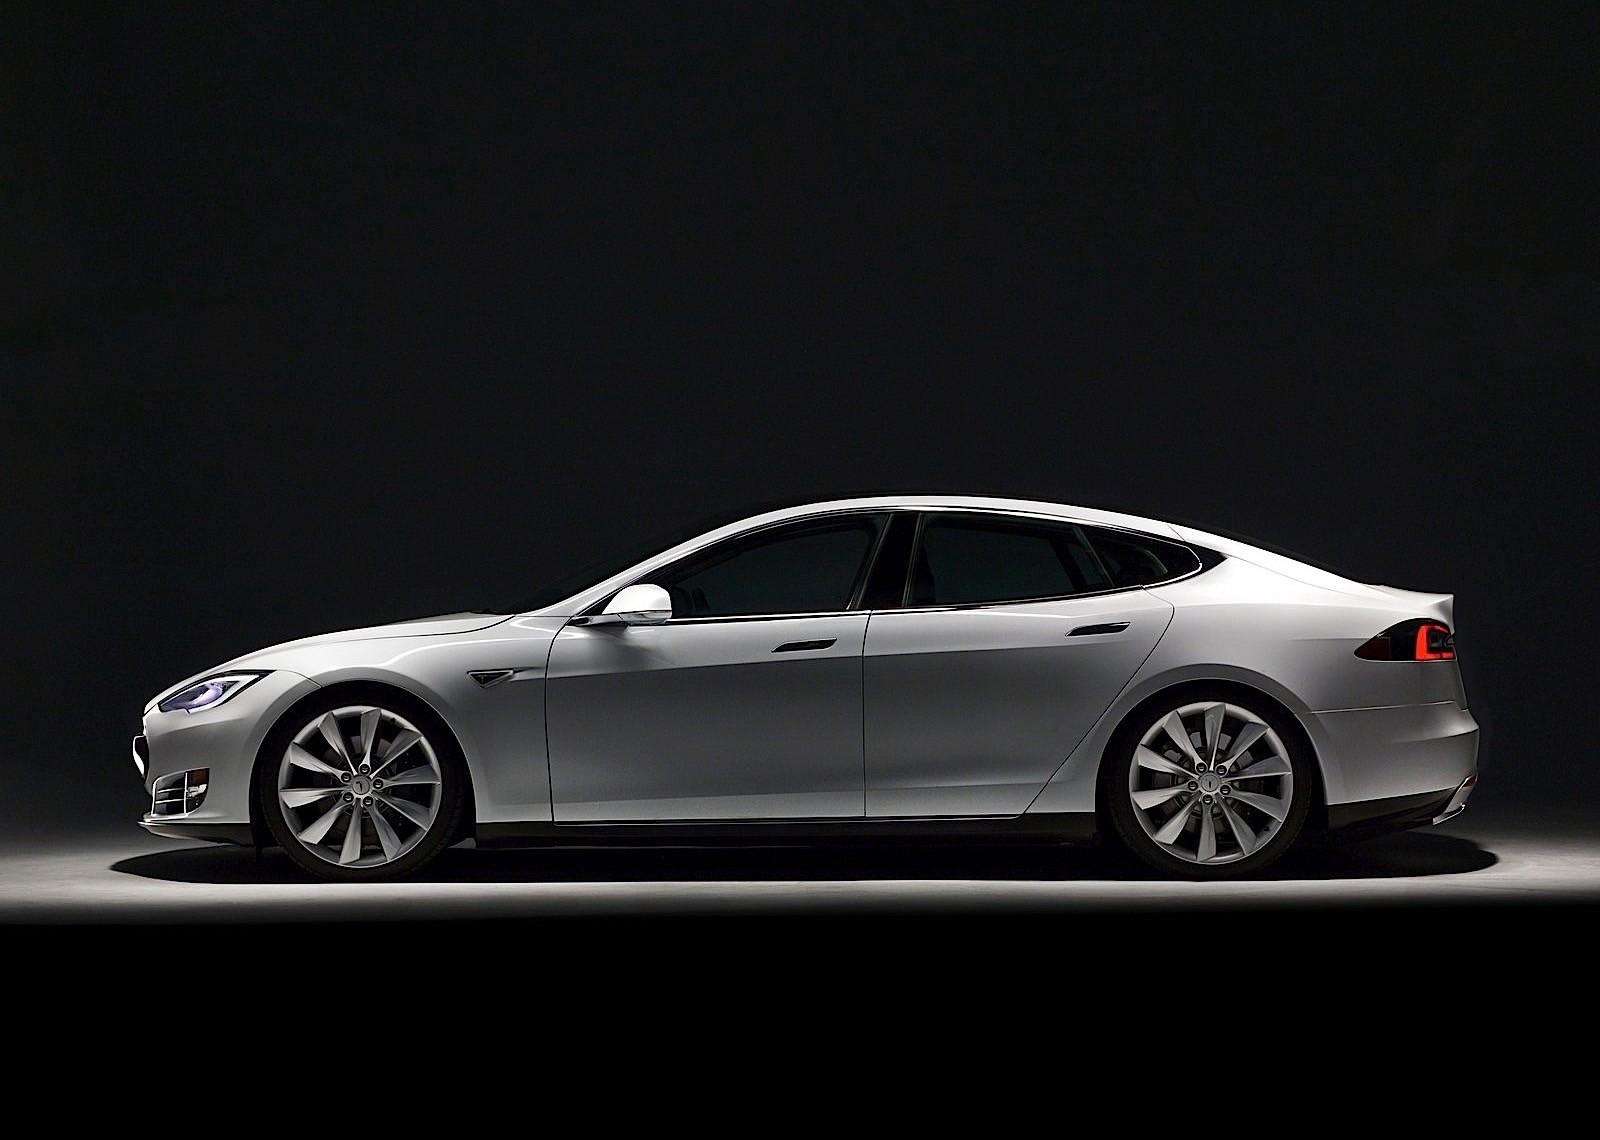 Tesla Image: 2012, 2013, 2014, 2015, 2016